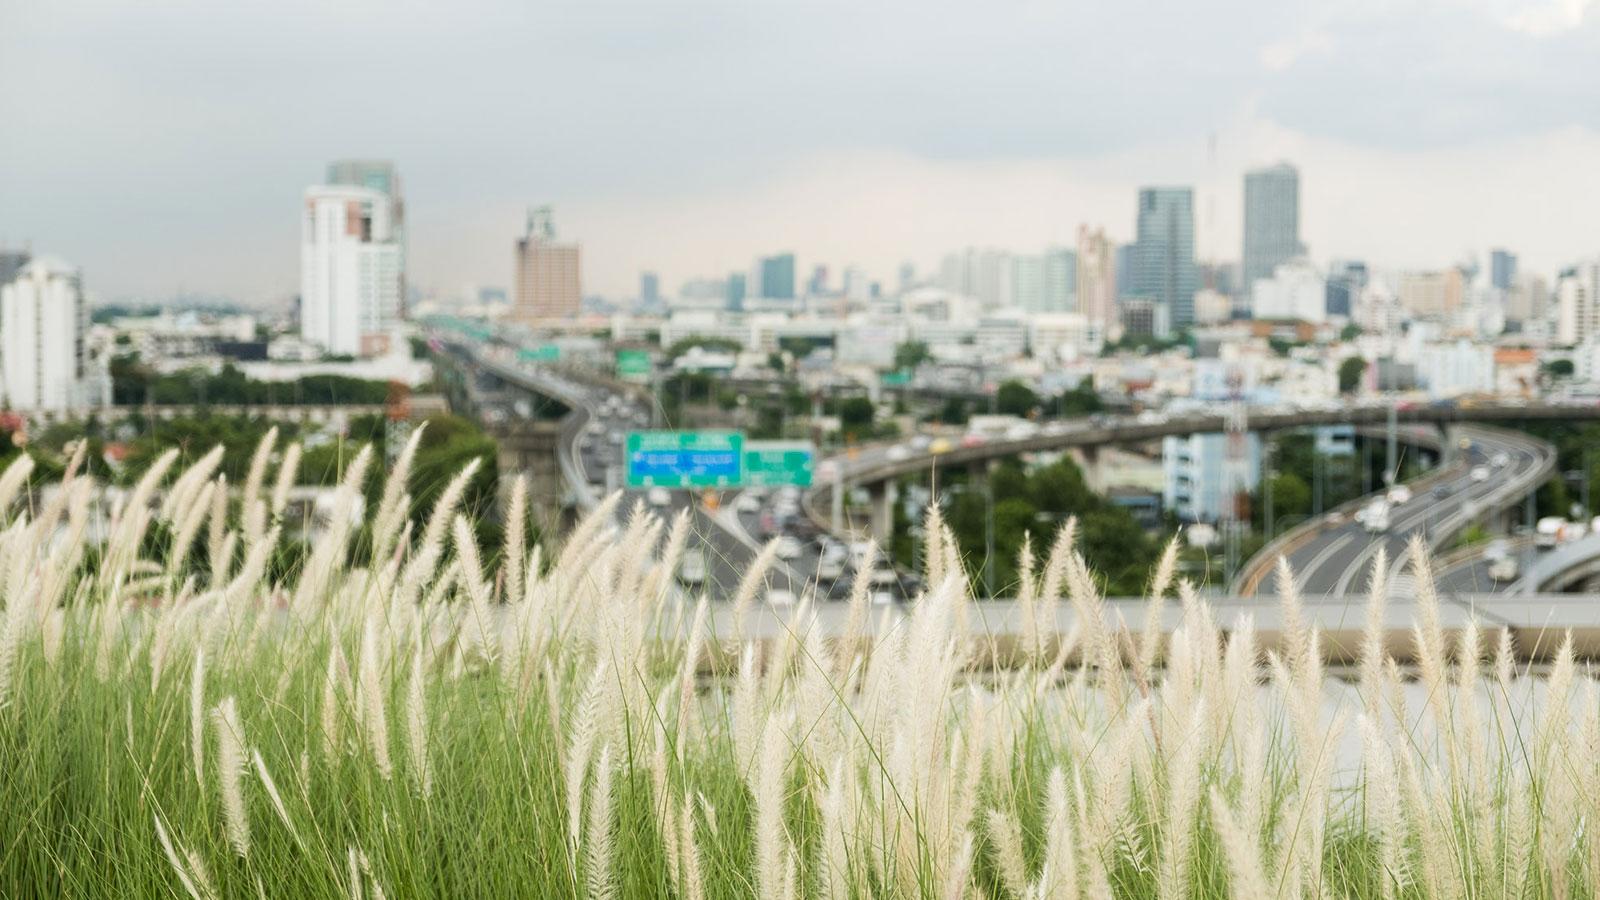 เมื่อดาดฟ้าโรงพยาบาลรามาฯ กลายเป็น 'สวนบำบัดลอยฟ้า' ใหญ่สุดในไทยที่ช่วยบำบัดทั้งคนและเมือง